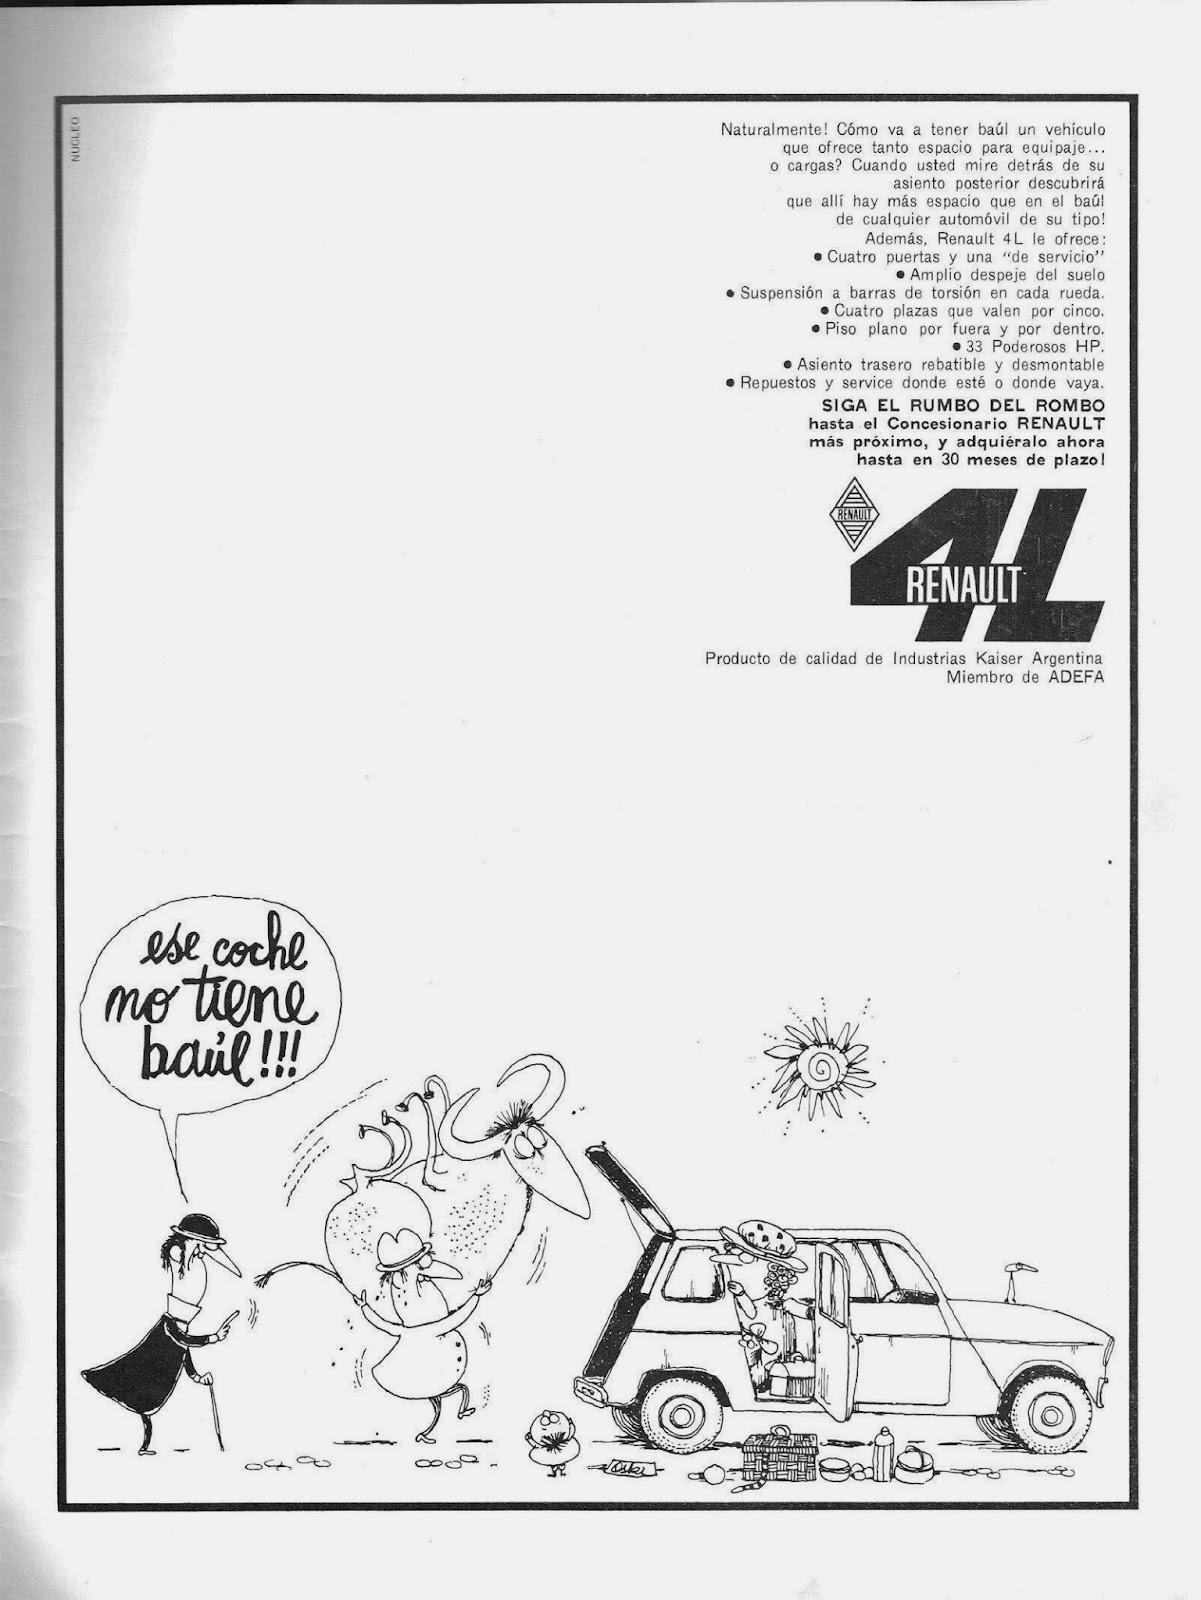 Publicidad aparecida en la revista automundo del 25 de agosto de 1965